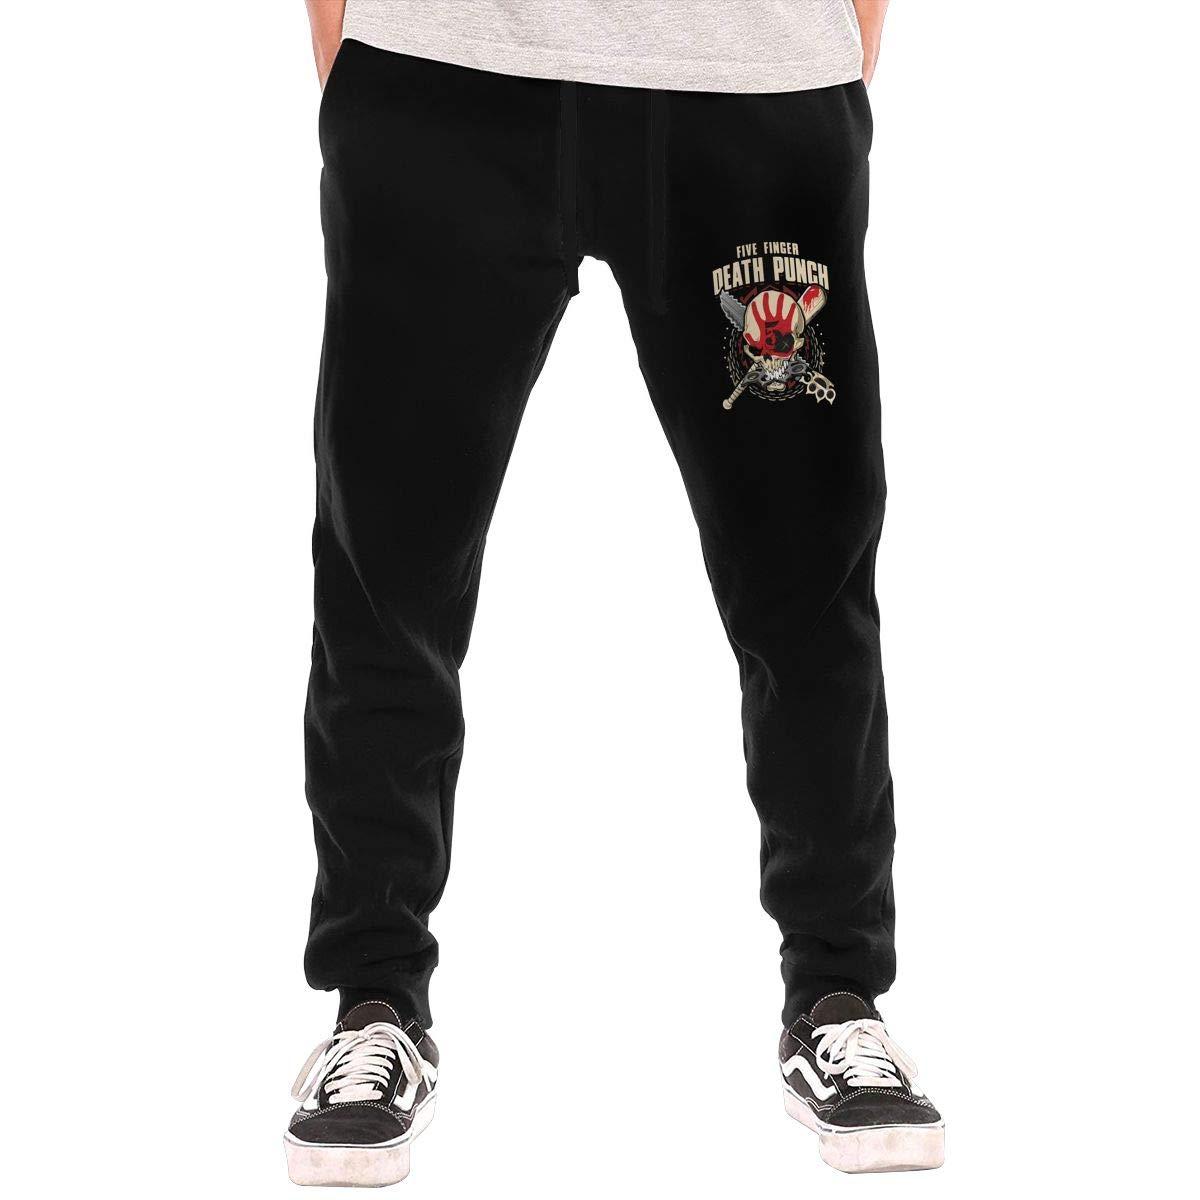 Swp0SJIW Five Finger Death Punch Mens Fashion Sweatpants Workout Athletic Jogger Long Pants